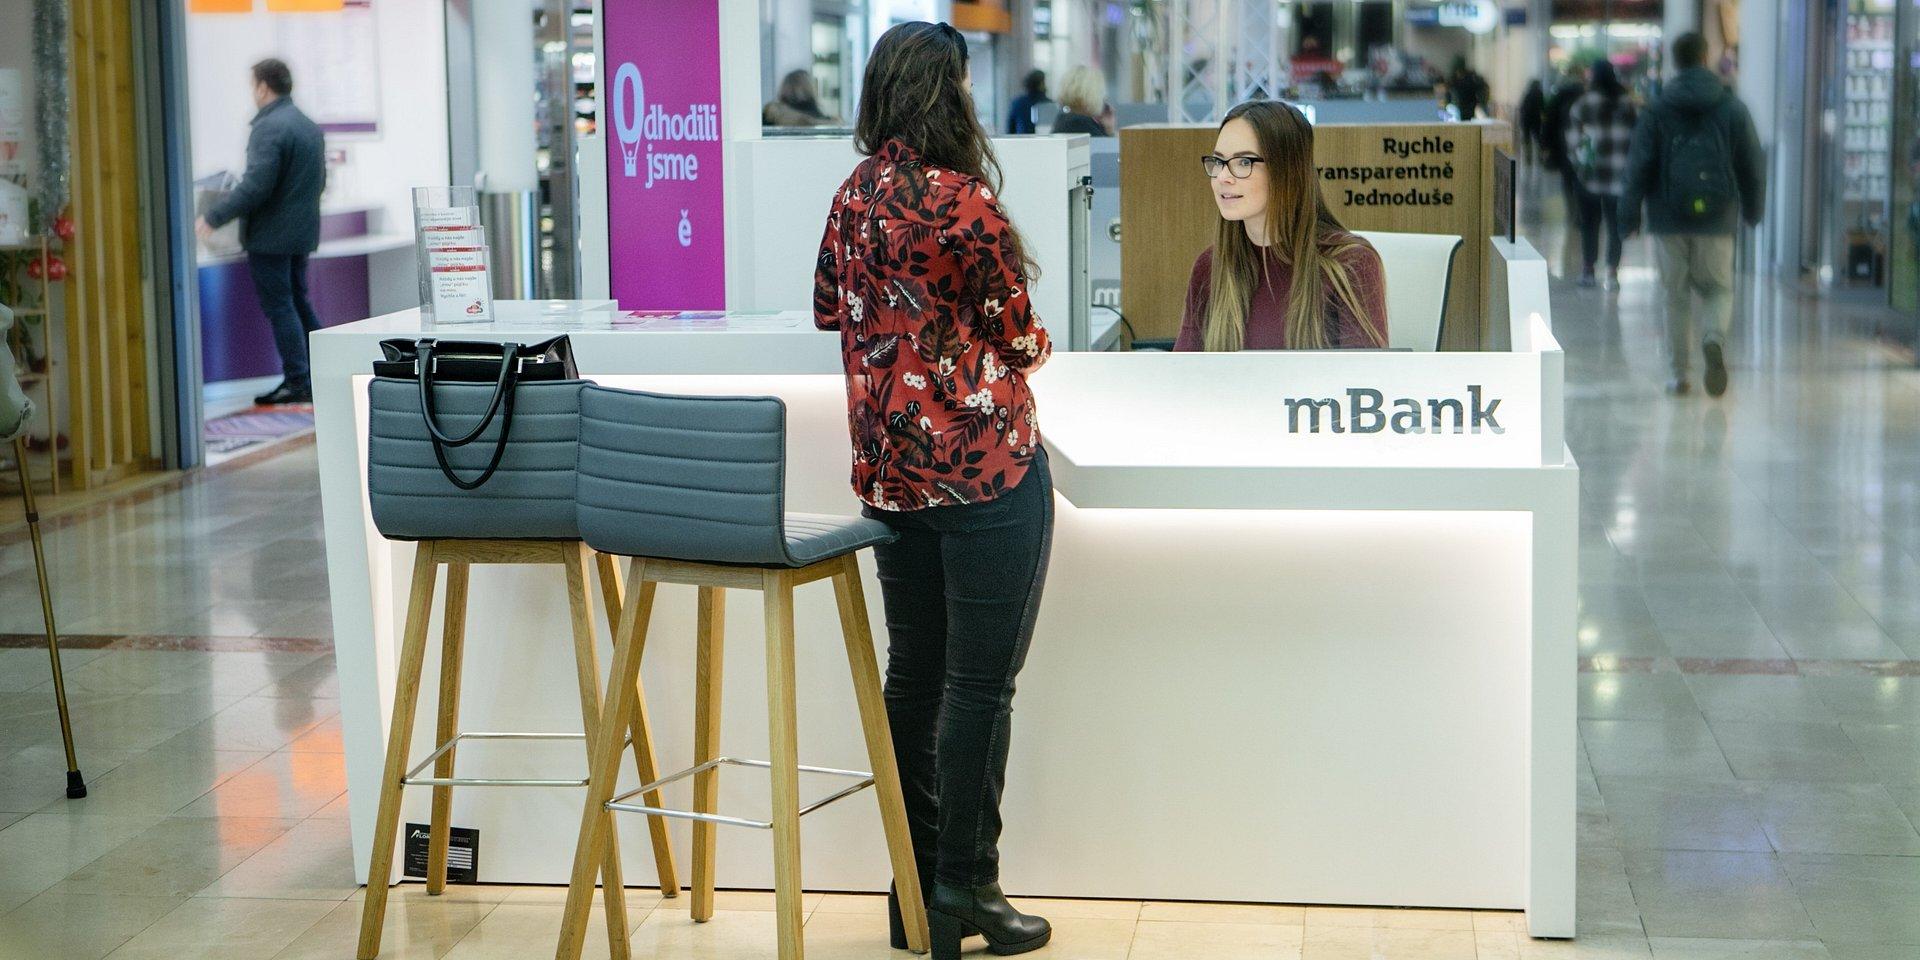 Blíž klientům. mBank rozšířila počet obchodních míst o dalších pět